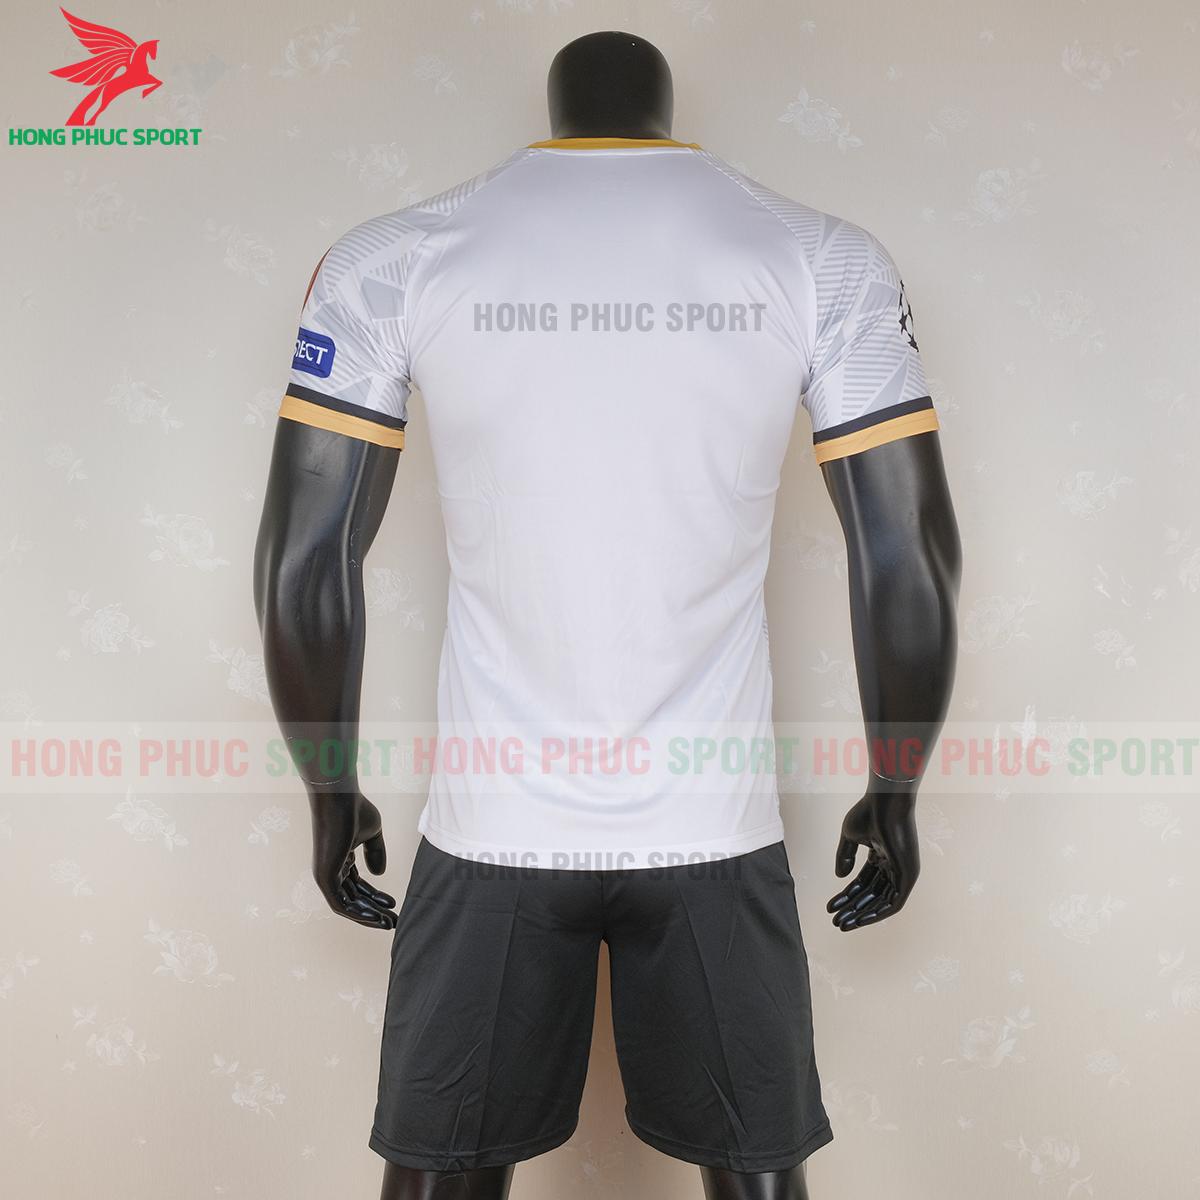 https://cdn.hongphucsport.com/unsafe/s4.shopbay.vn/files/285/ao-bong-da-liverpool-phien-ban-fan-mau-8-2-5f6bf8fead8c3.png